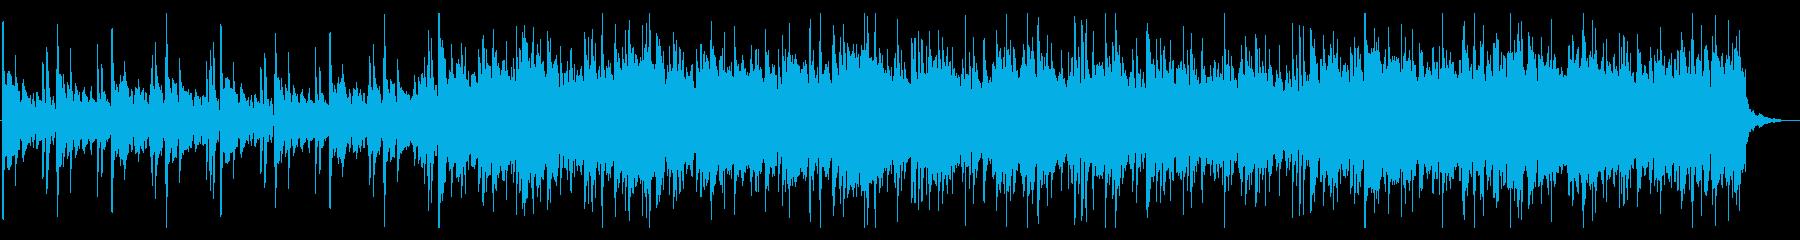 幻想的/夢/リラックス_No608_3の再生済みの波形